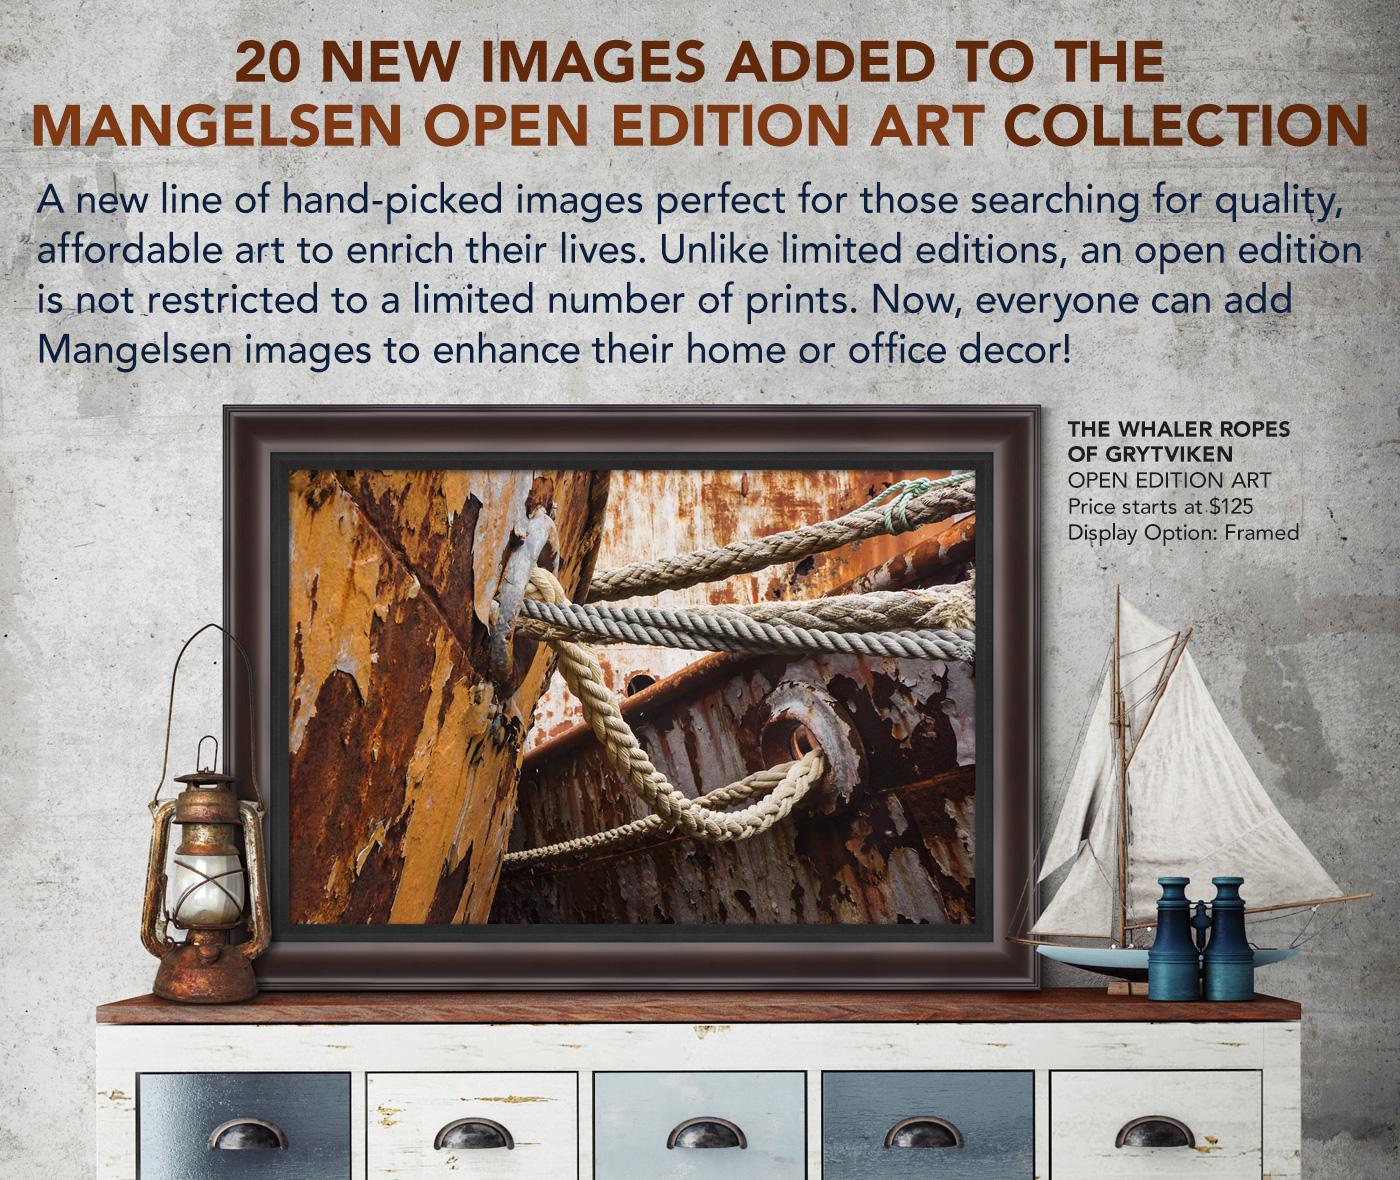 Framed Open Edition Art titled The Whaler Ropes of Grytviken